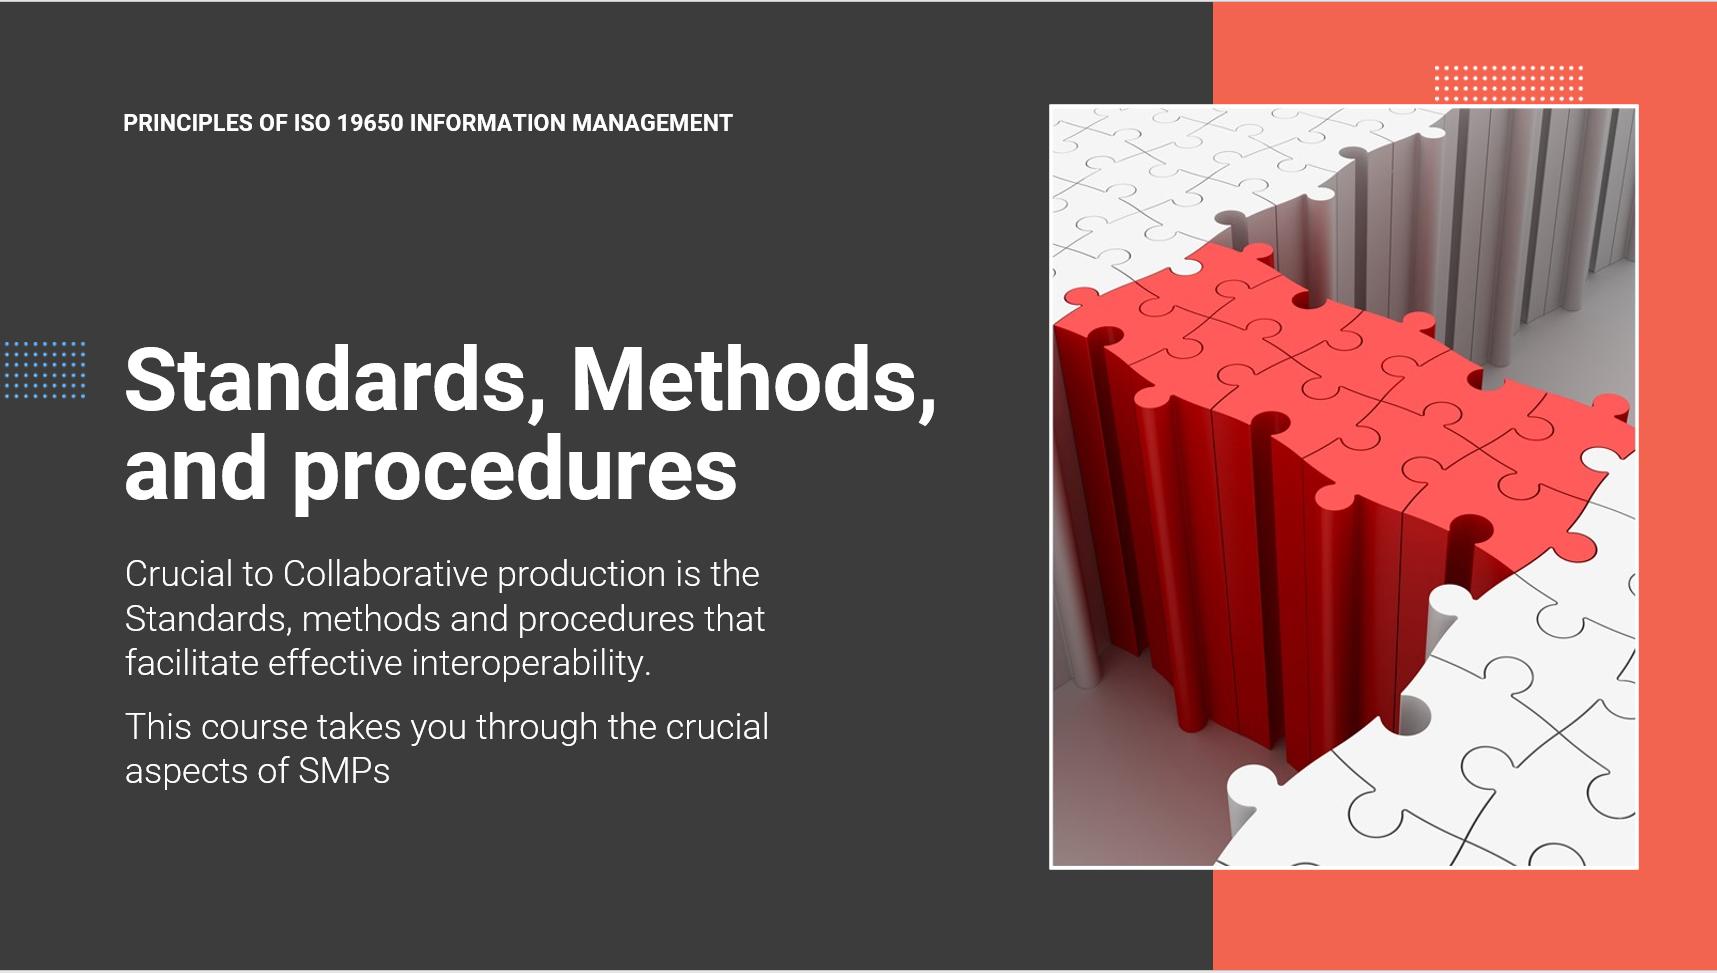 Standards, Methods, and Procedures